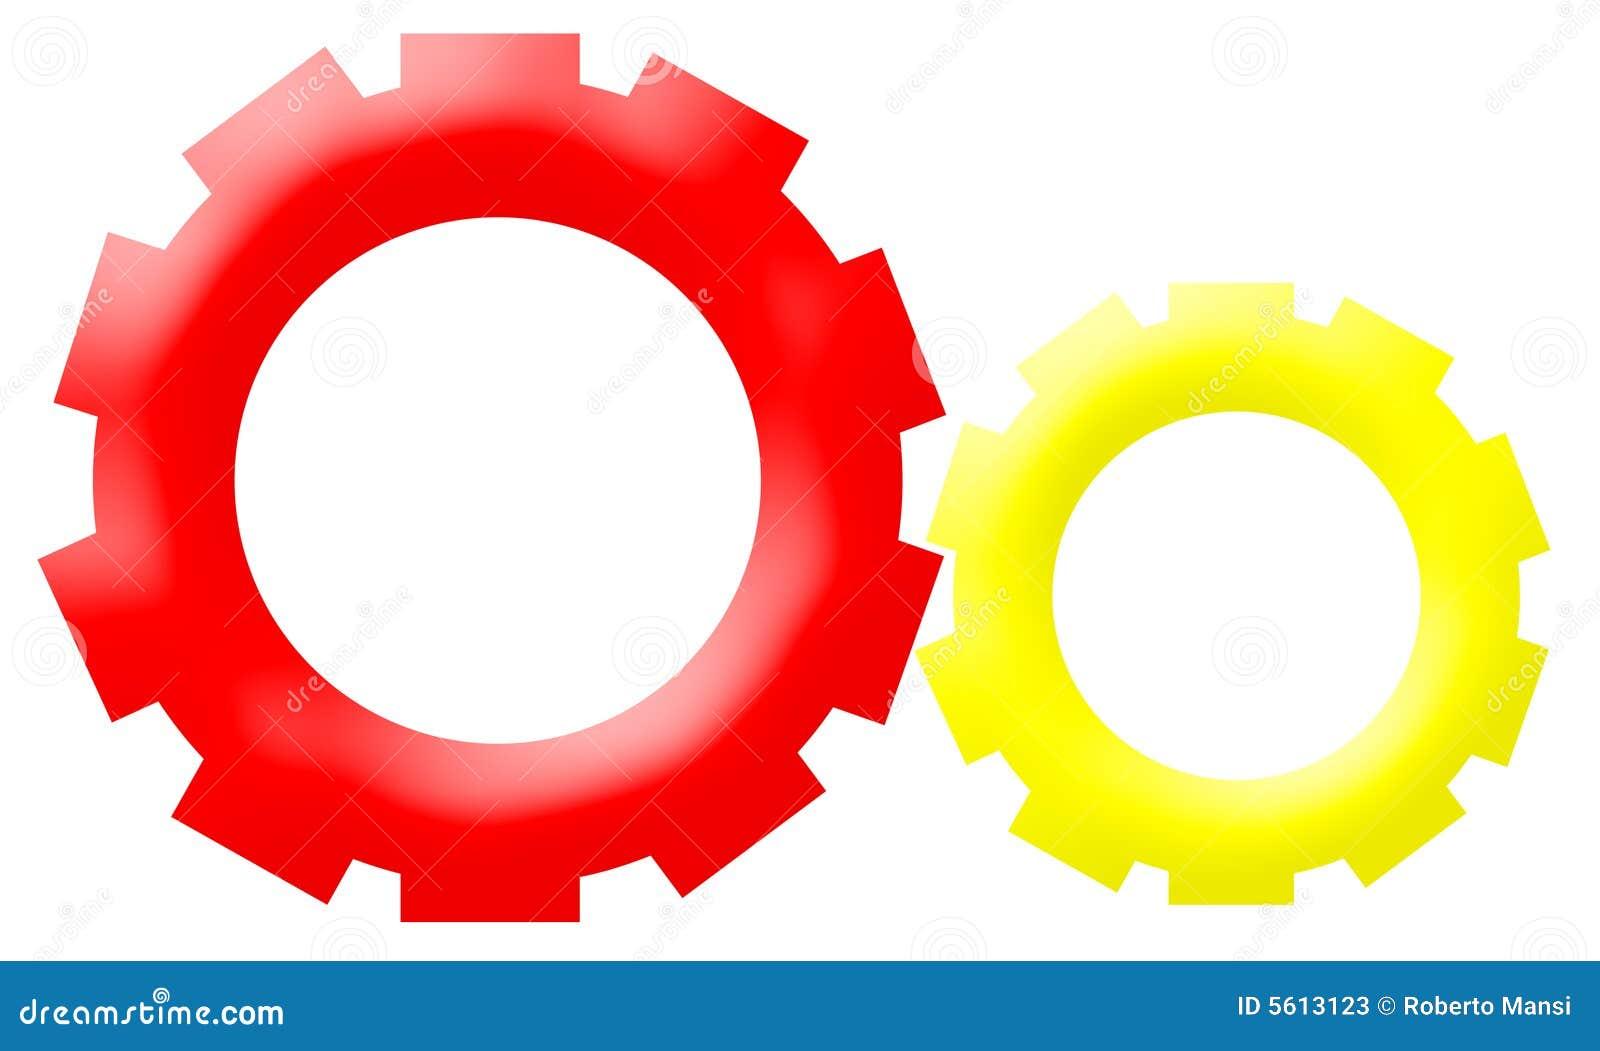 Company Logo - Mechanism Gear-Driven Wheels